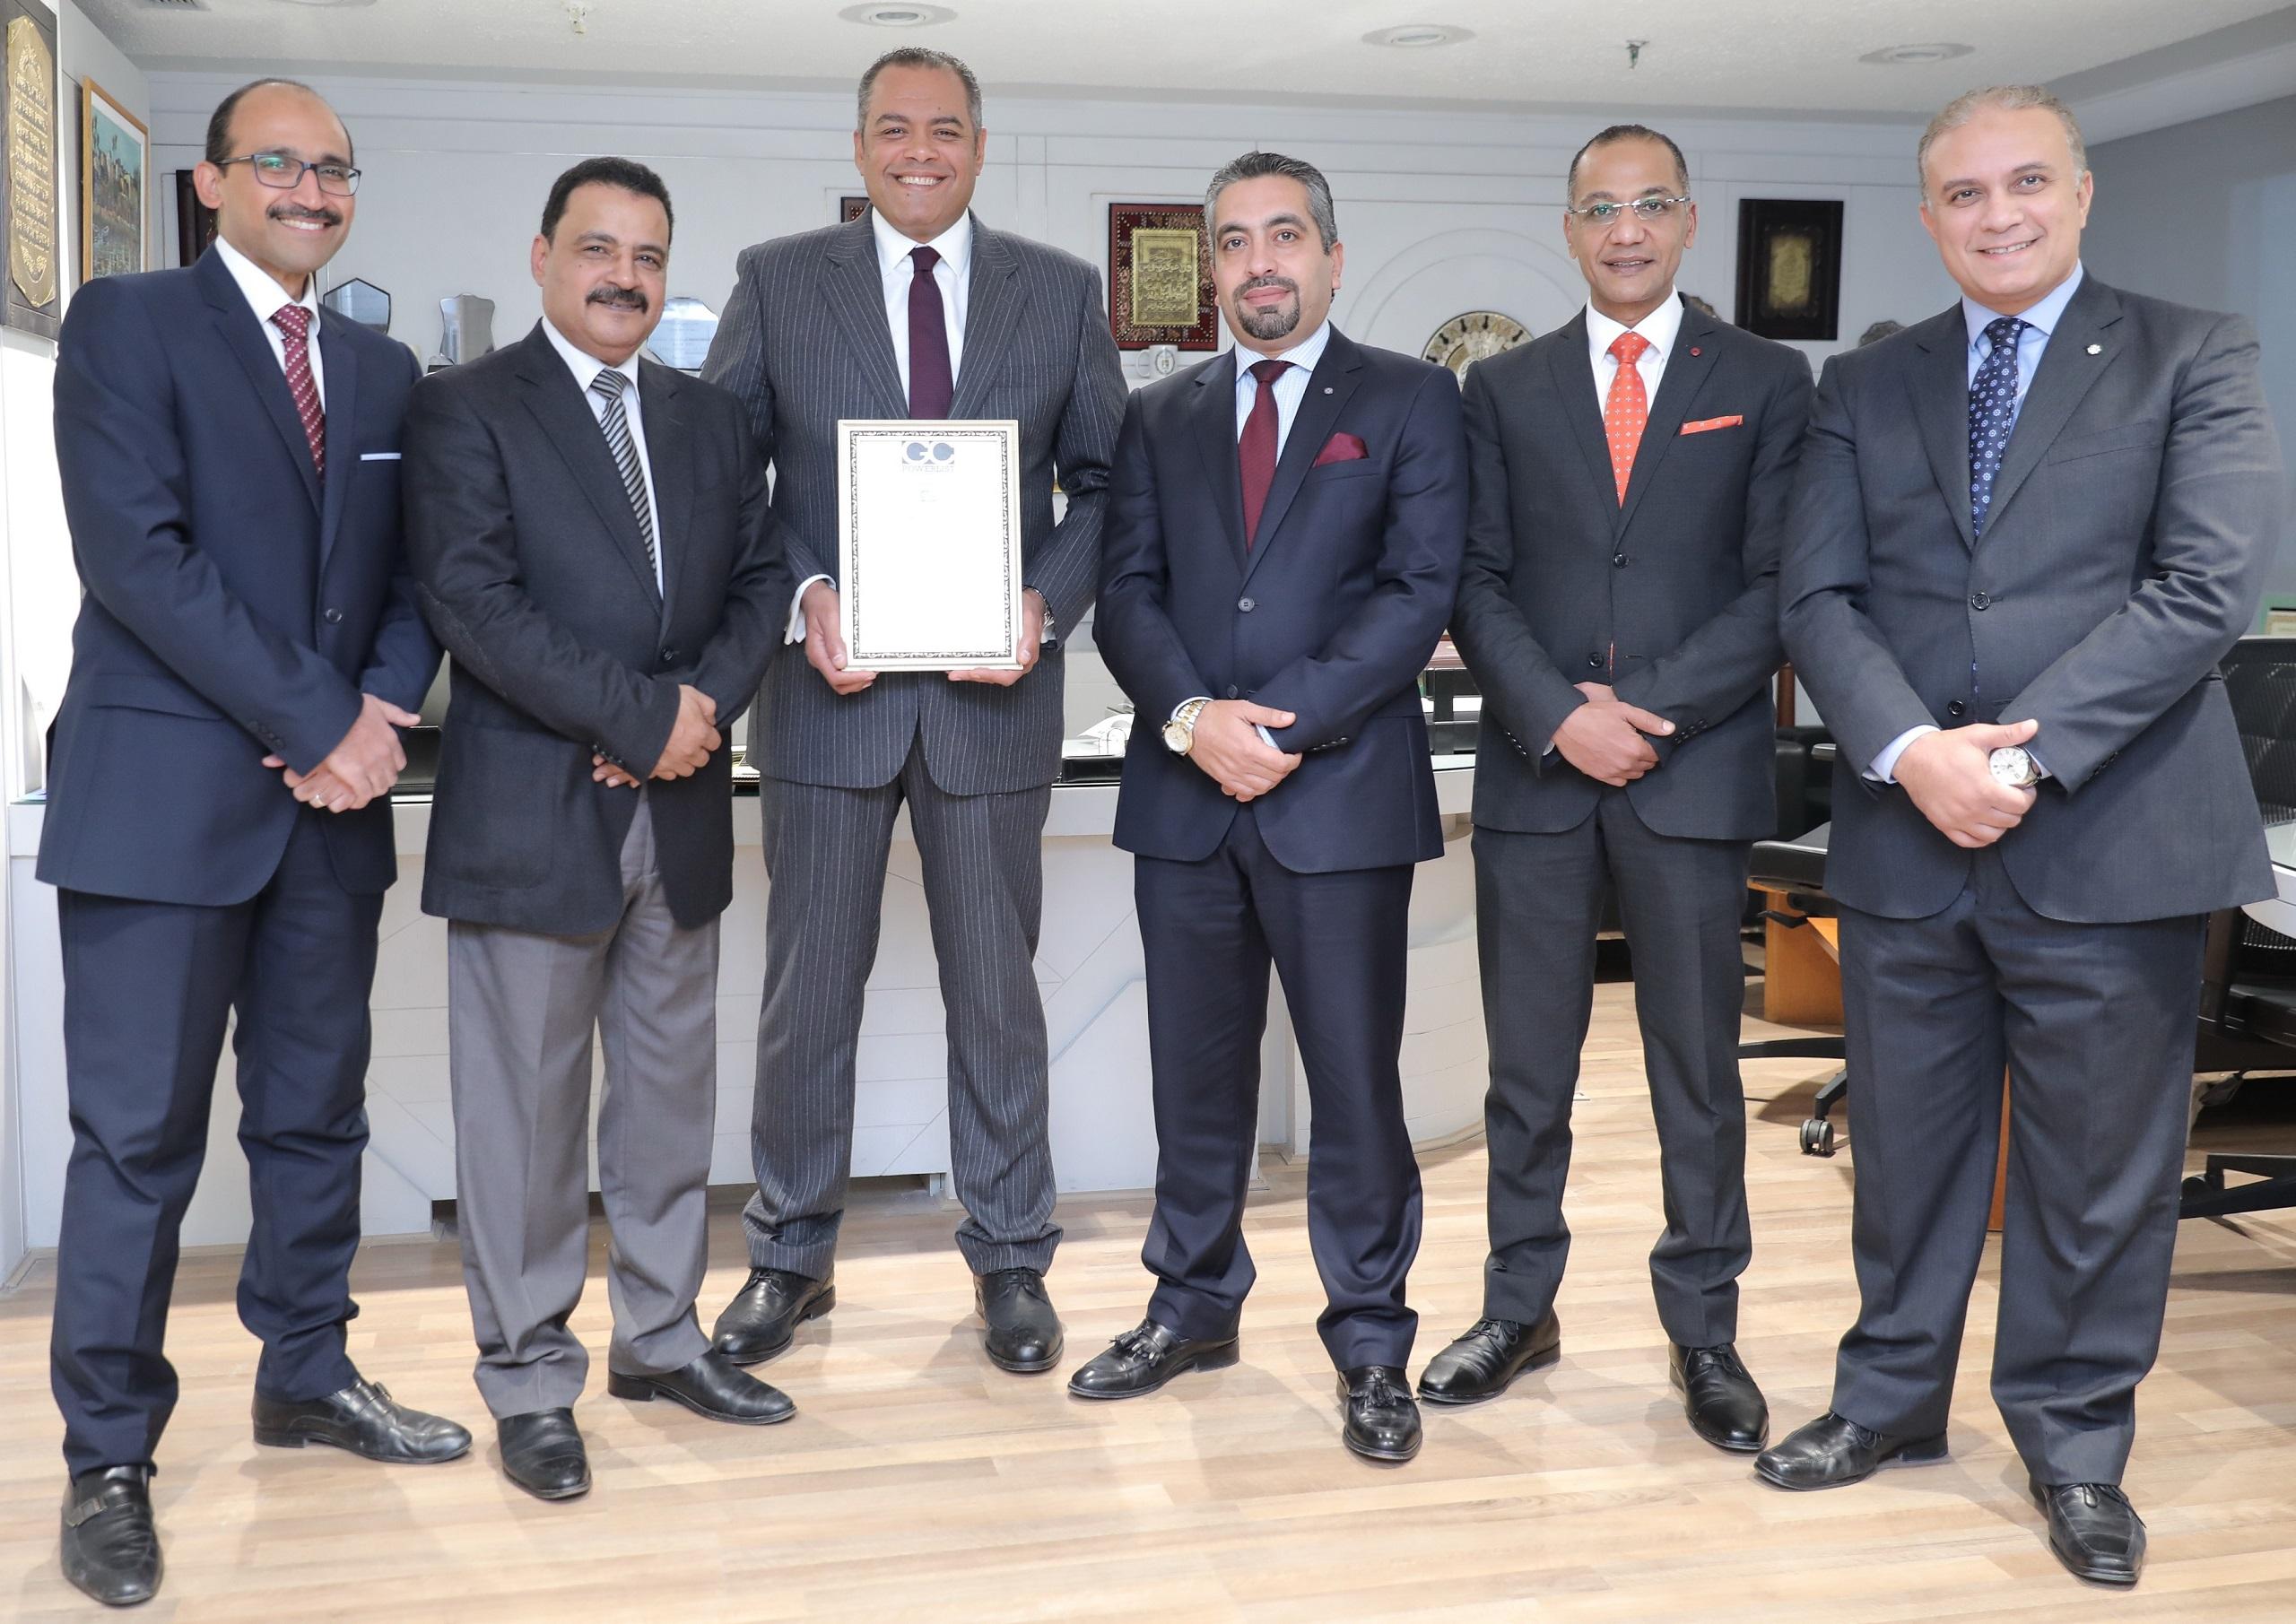 اختيار المجموعة القانونية بالبنك الأهلى المصرى ضمن قائمة GC Powerlist لأقوى المجموعات القانونية